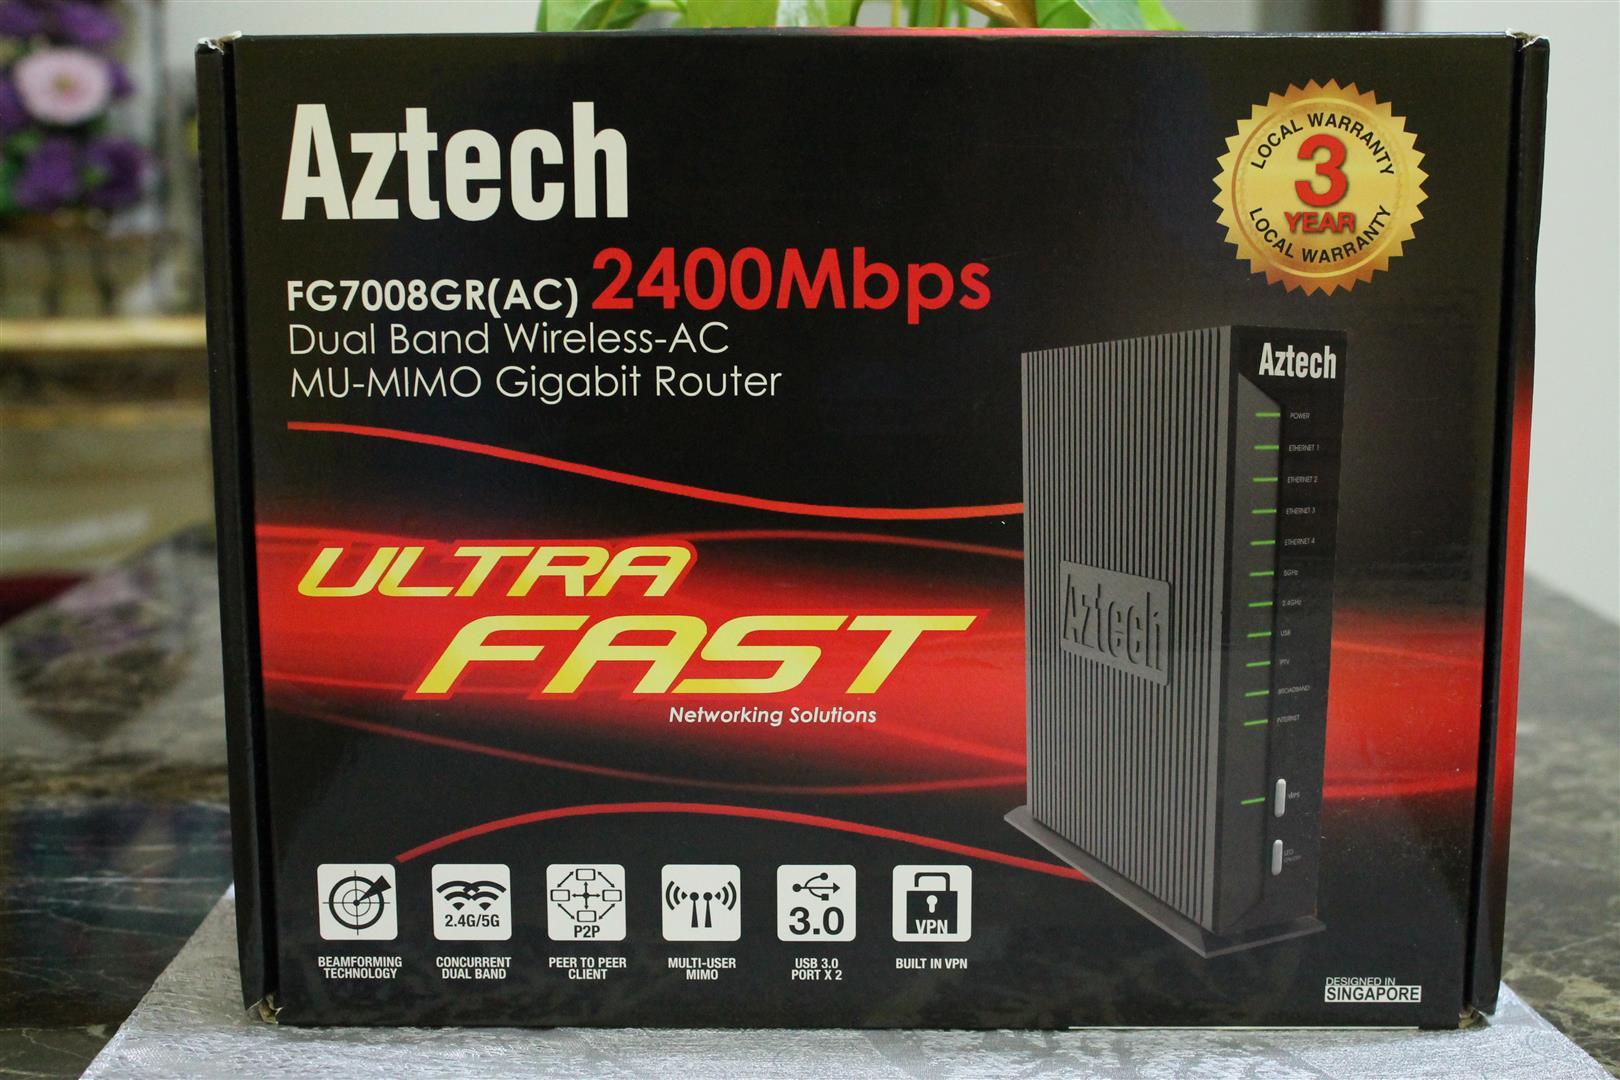 AZTECH FG7008GR(AC) Review – Pokde